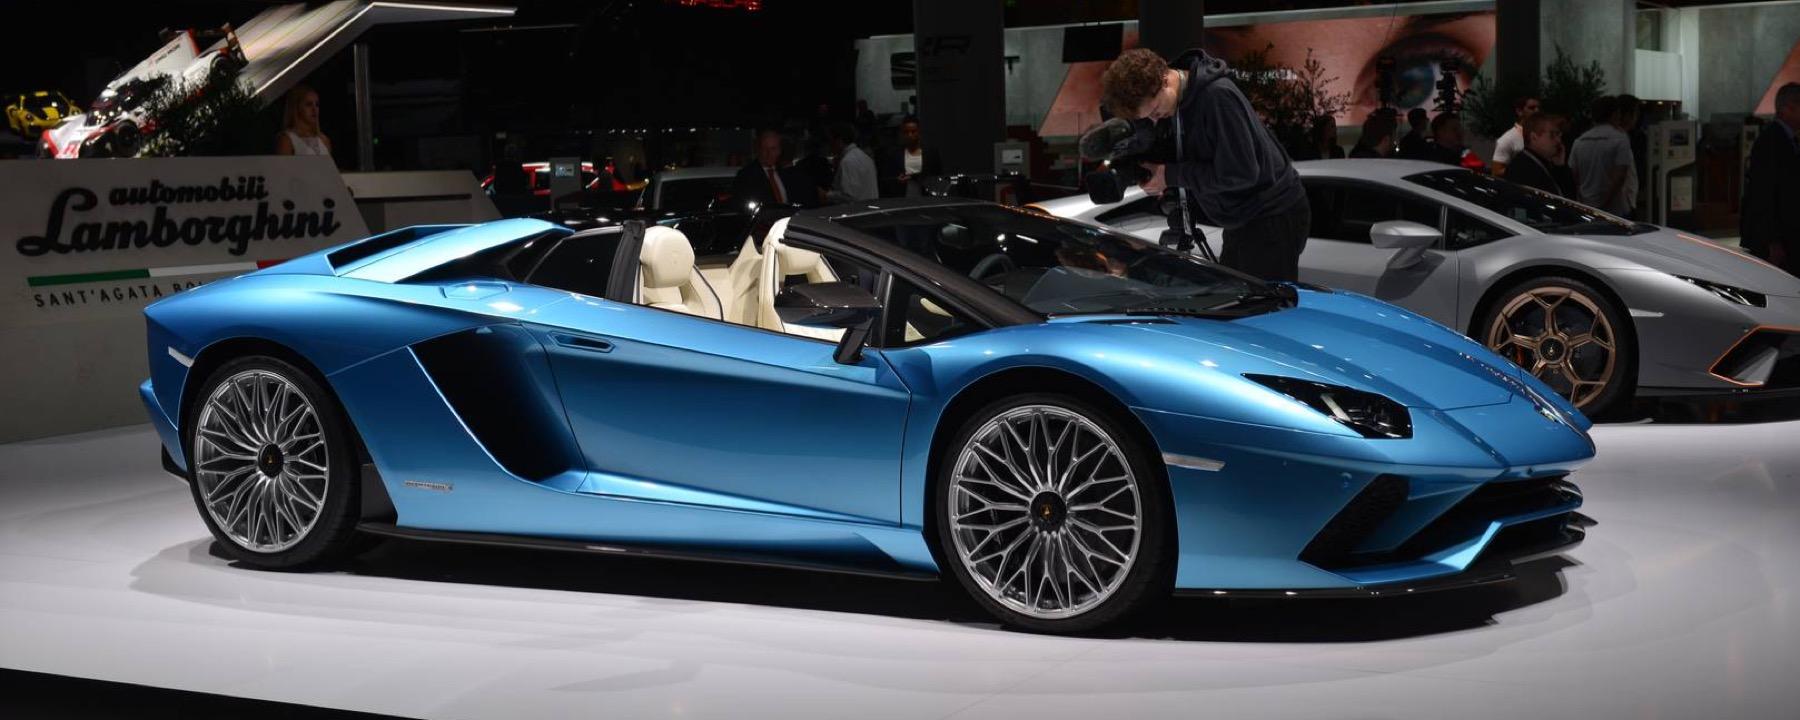 The New Lamborghini Aventador S Roadster